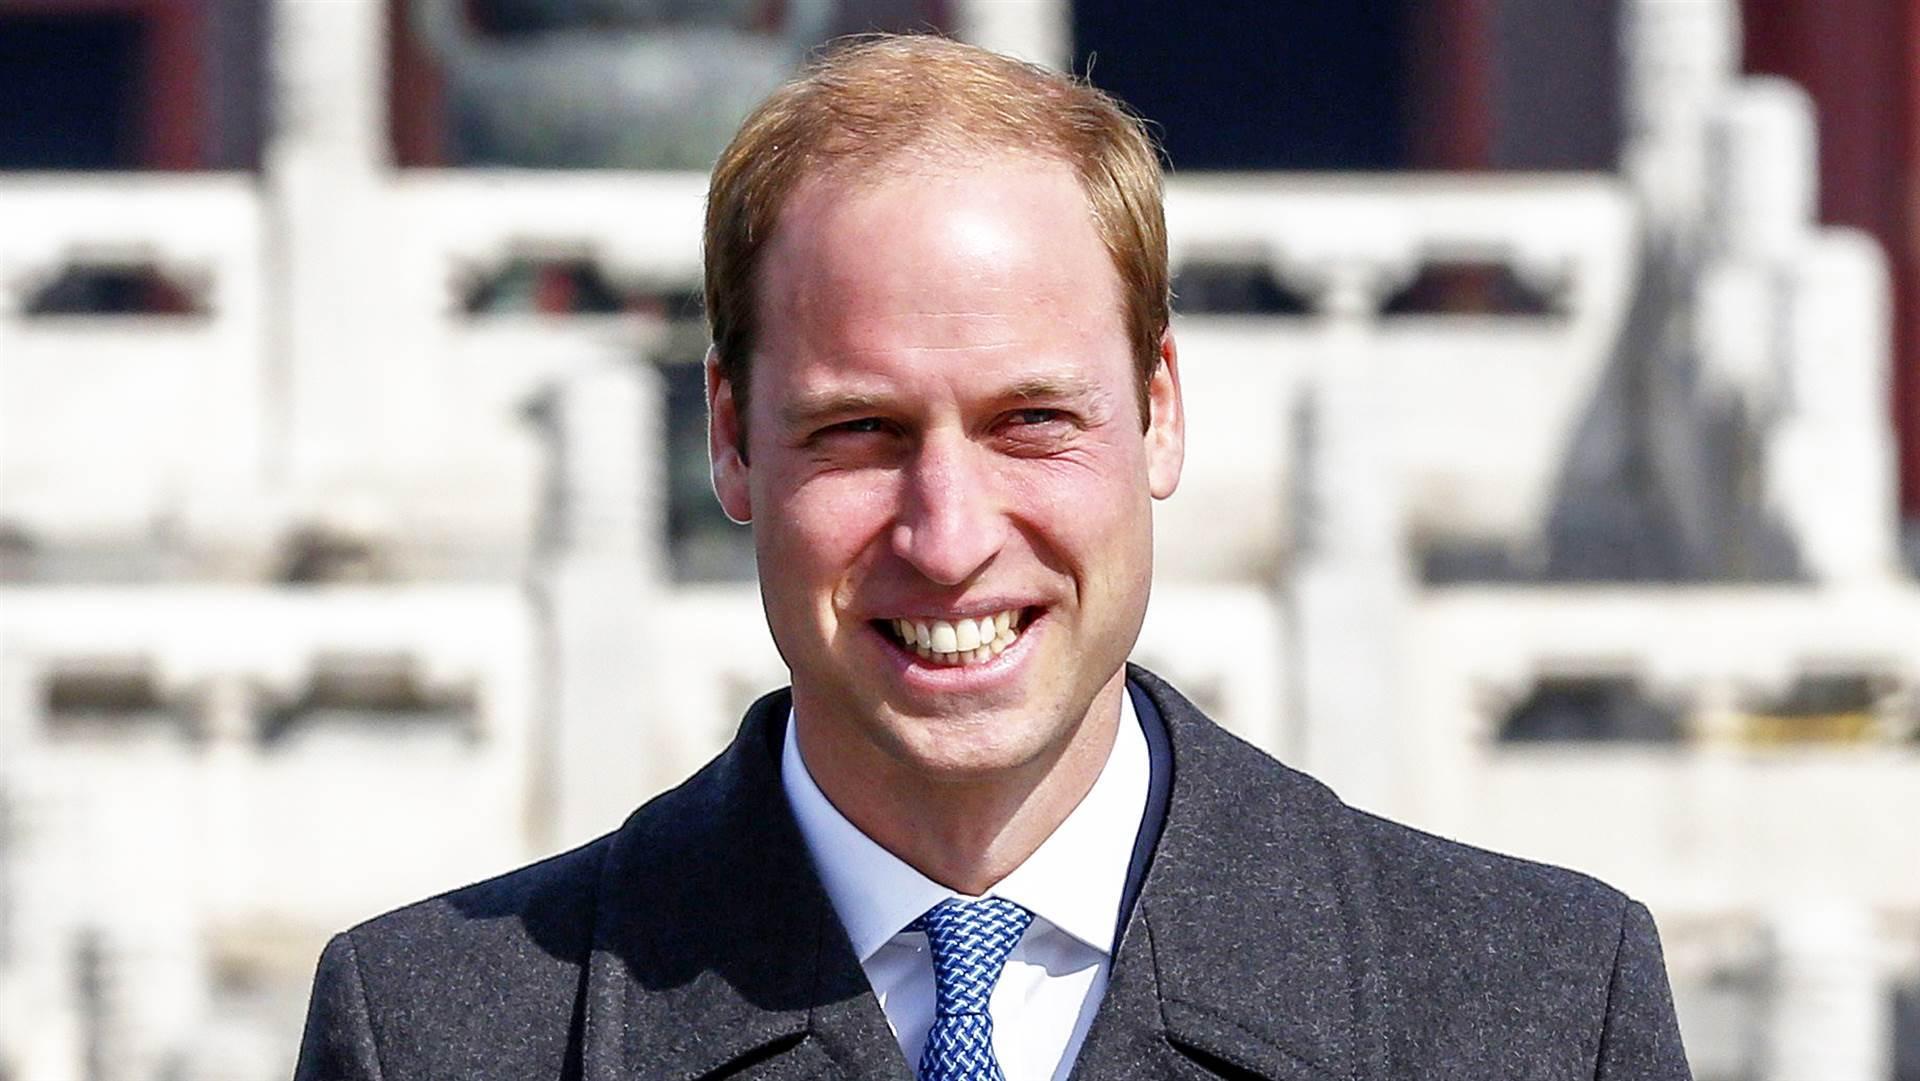 Prince William 4k